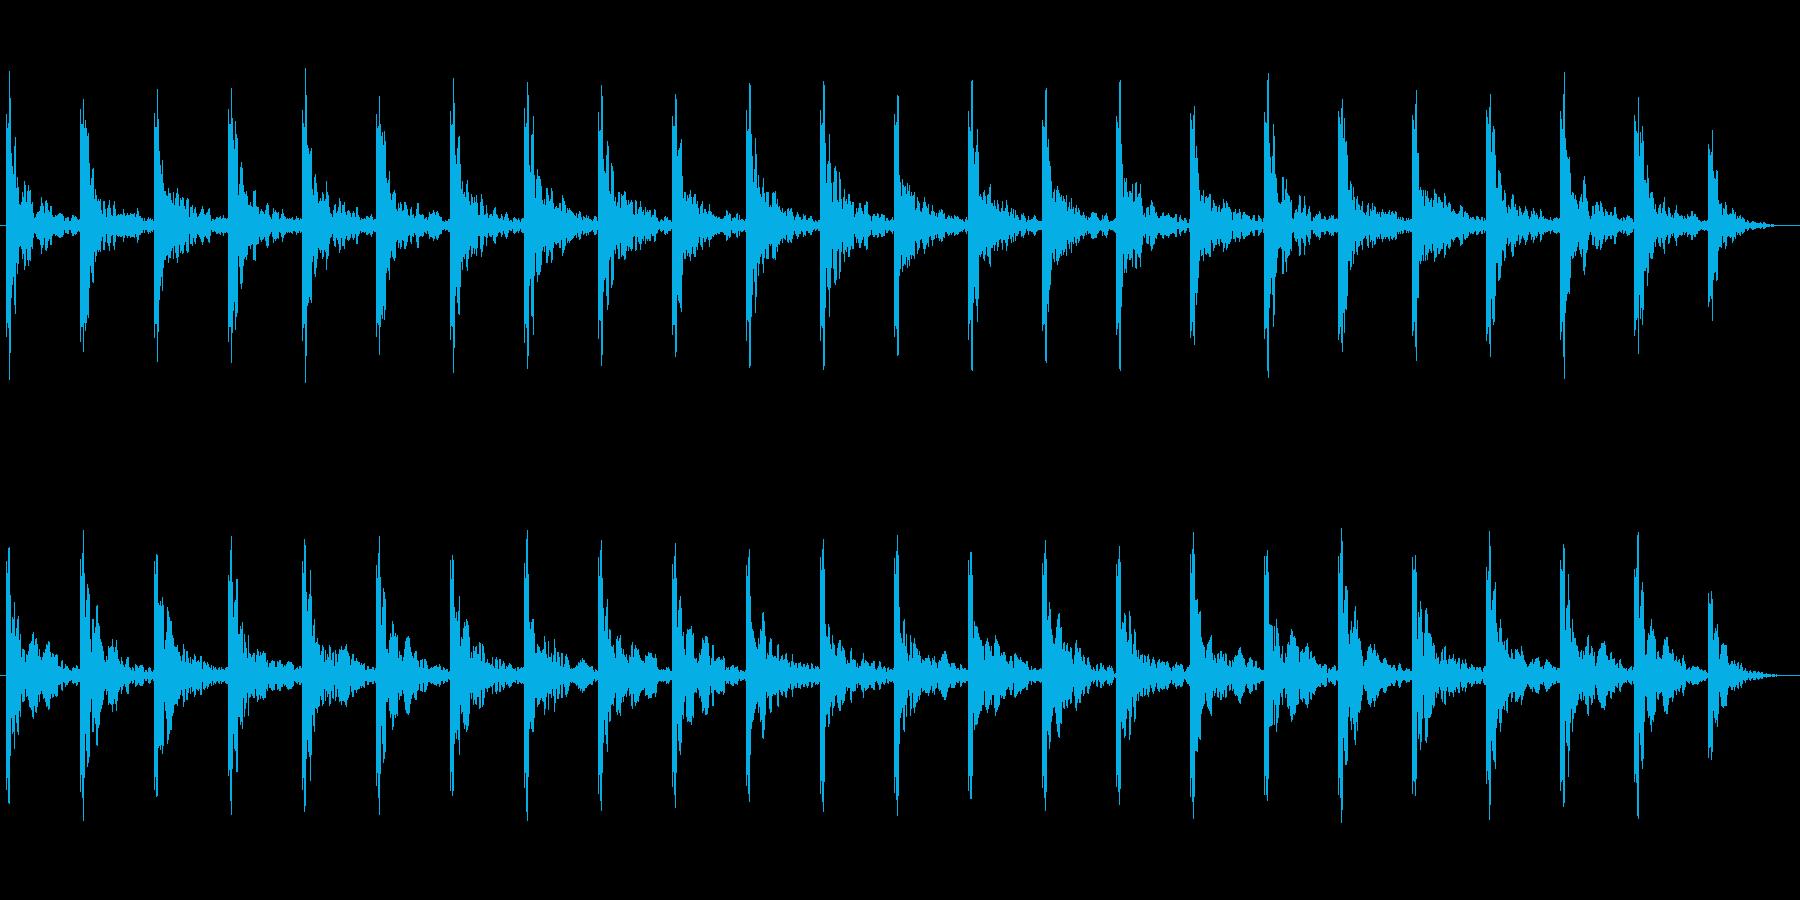 潜水艦 ソナー 探信音の再生済みの波形